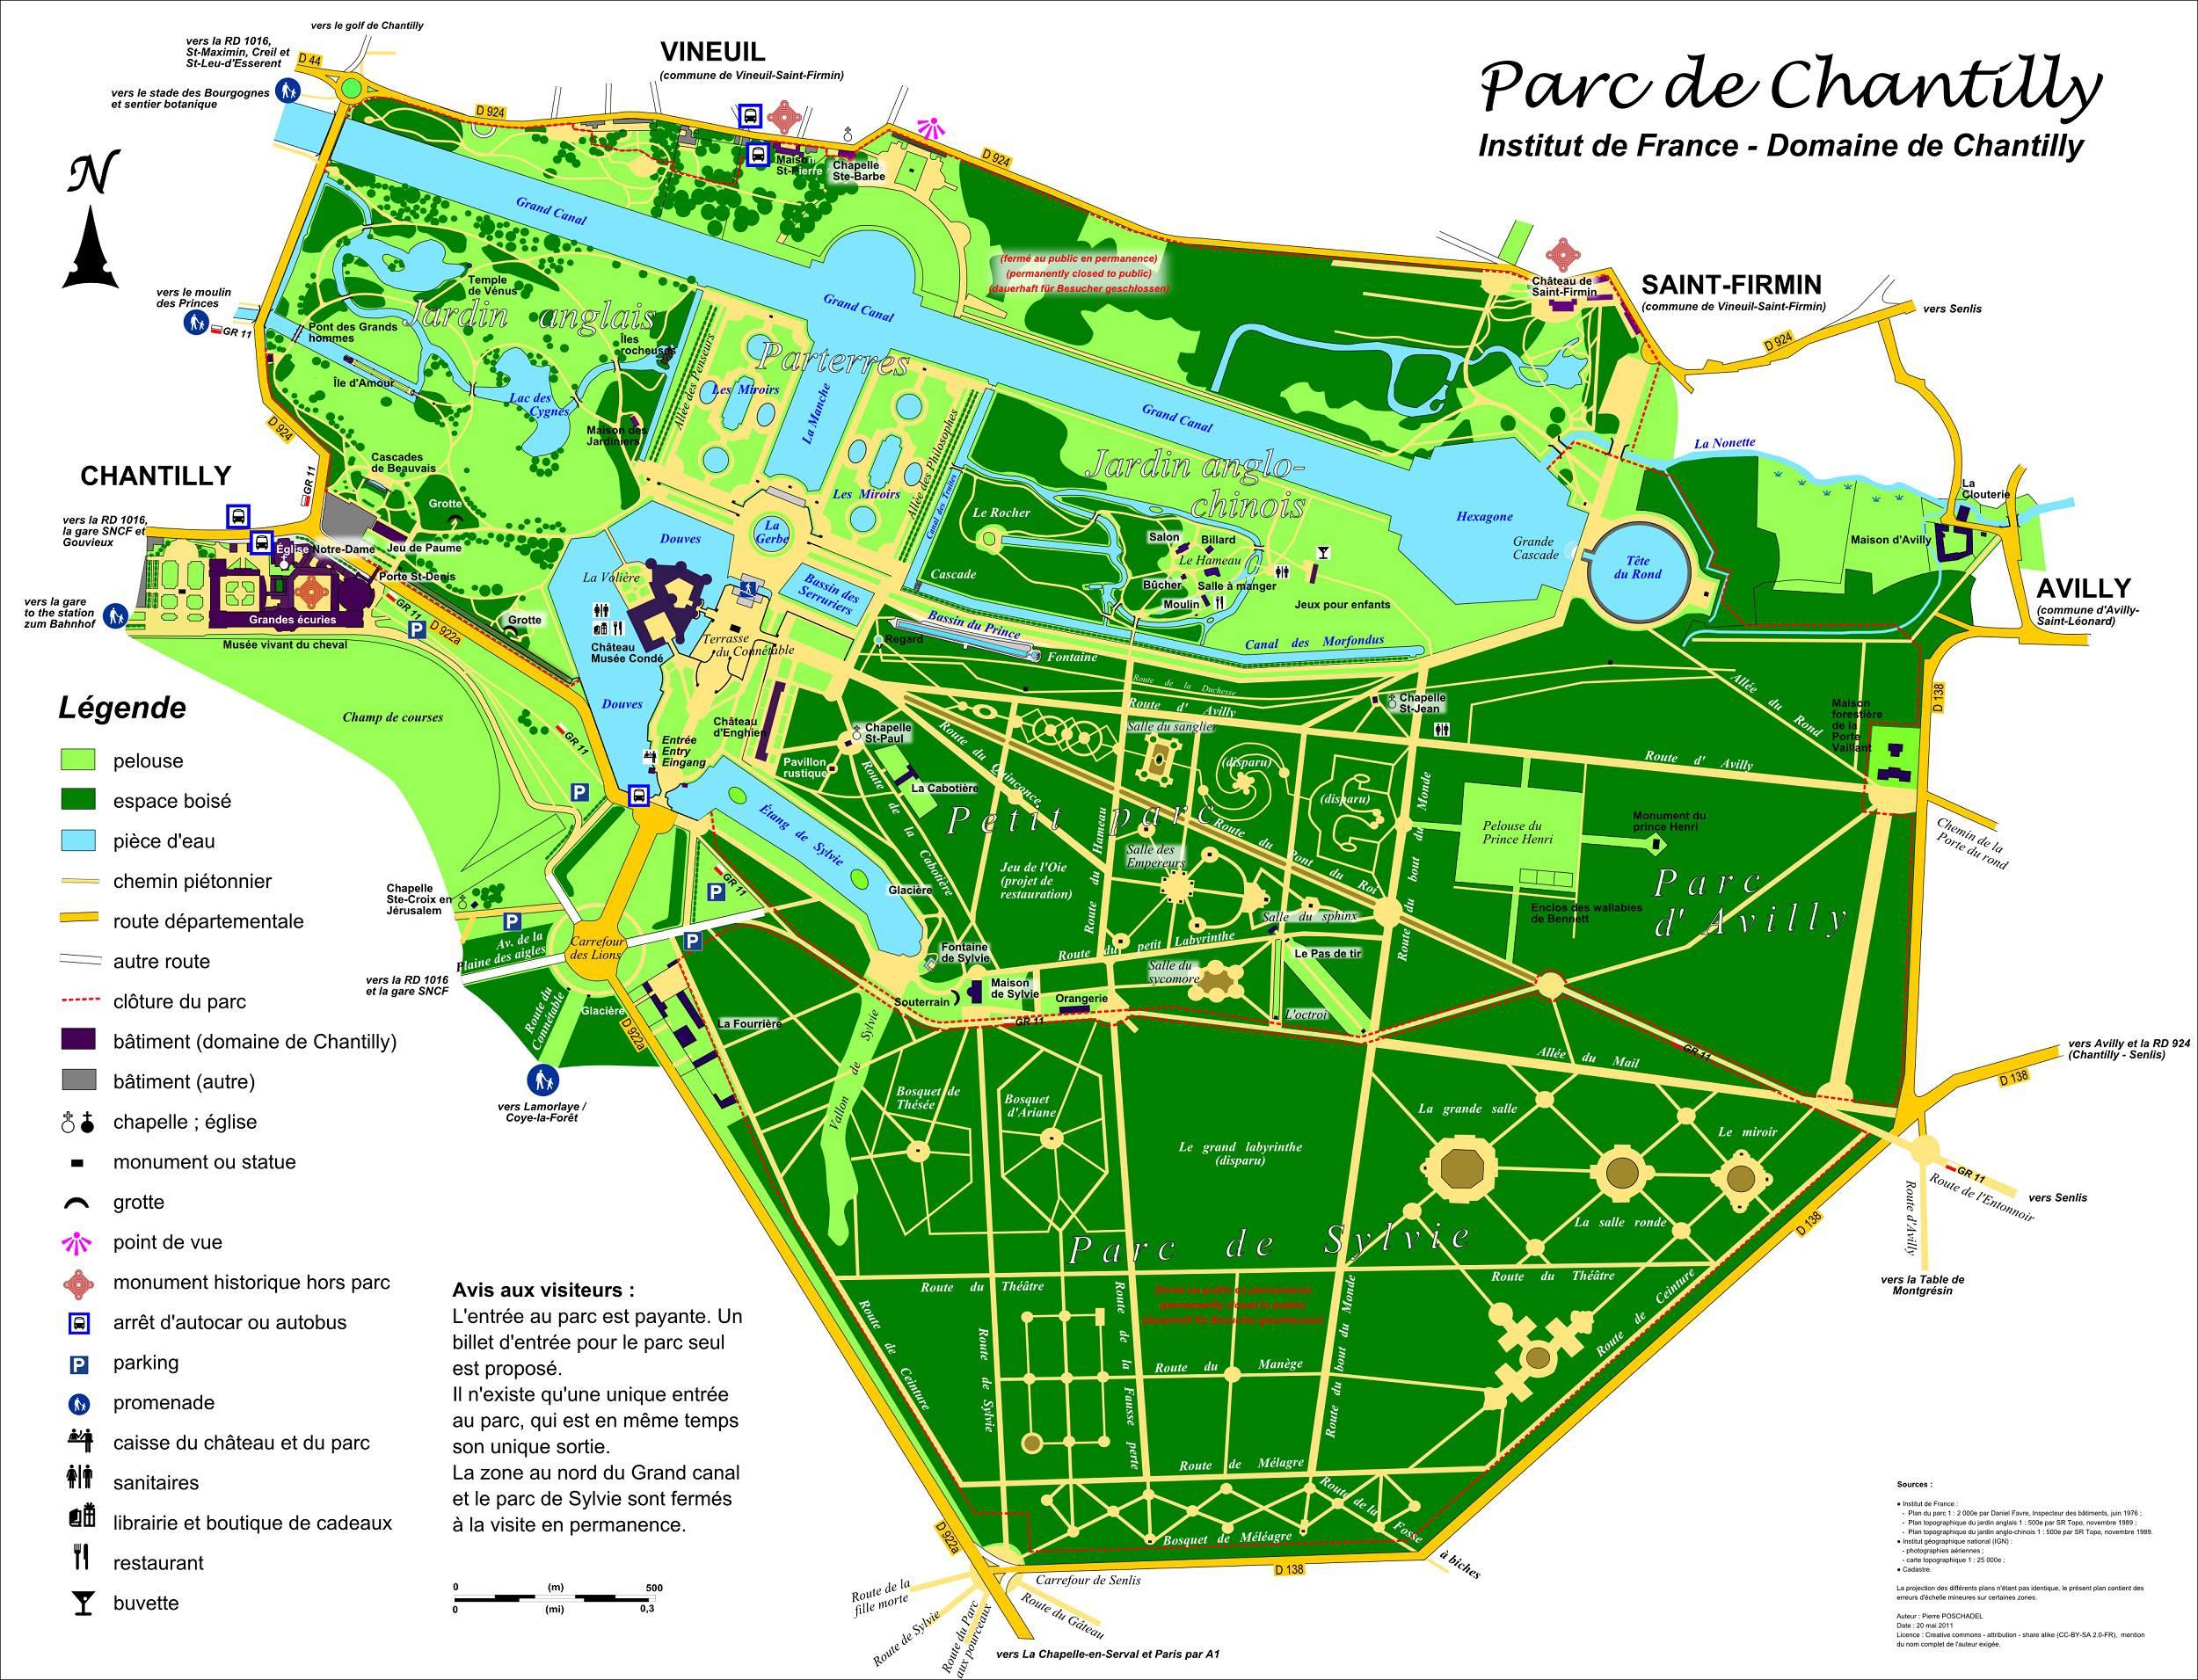 Plan du château de Chantilly